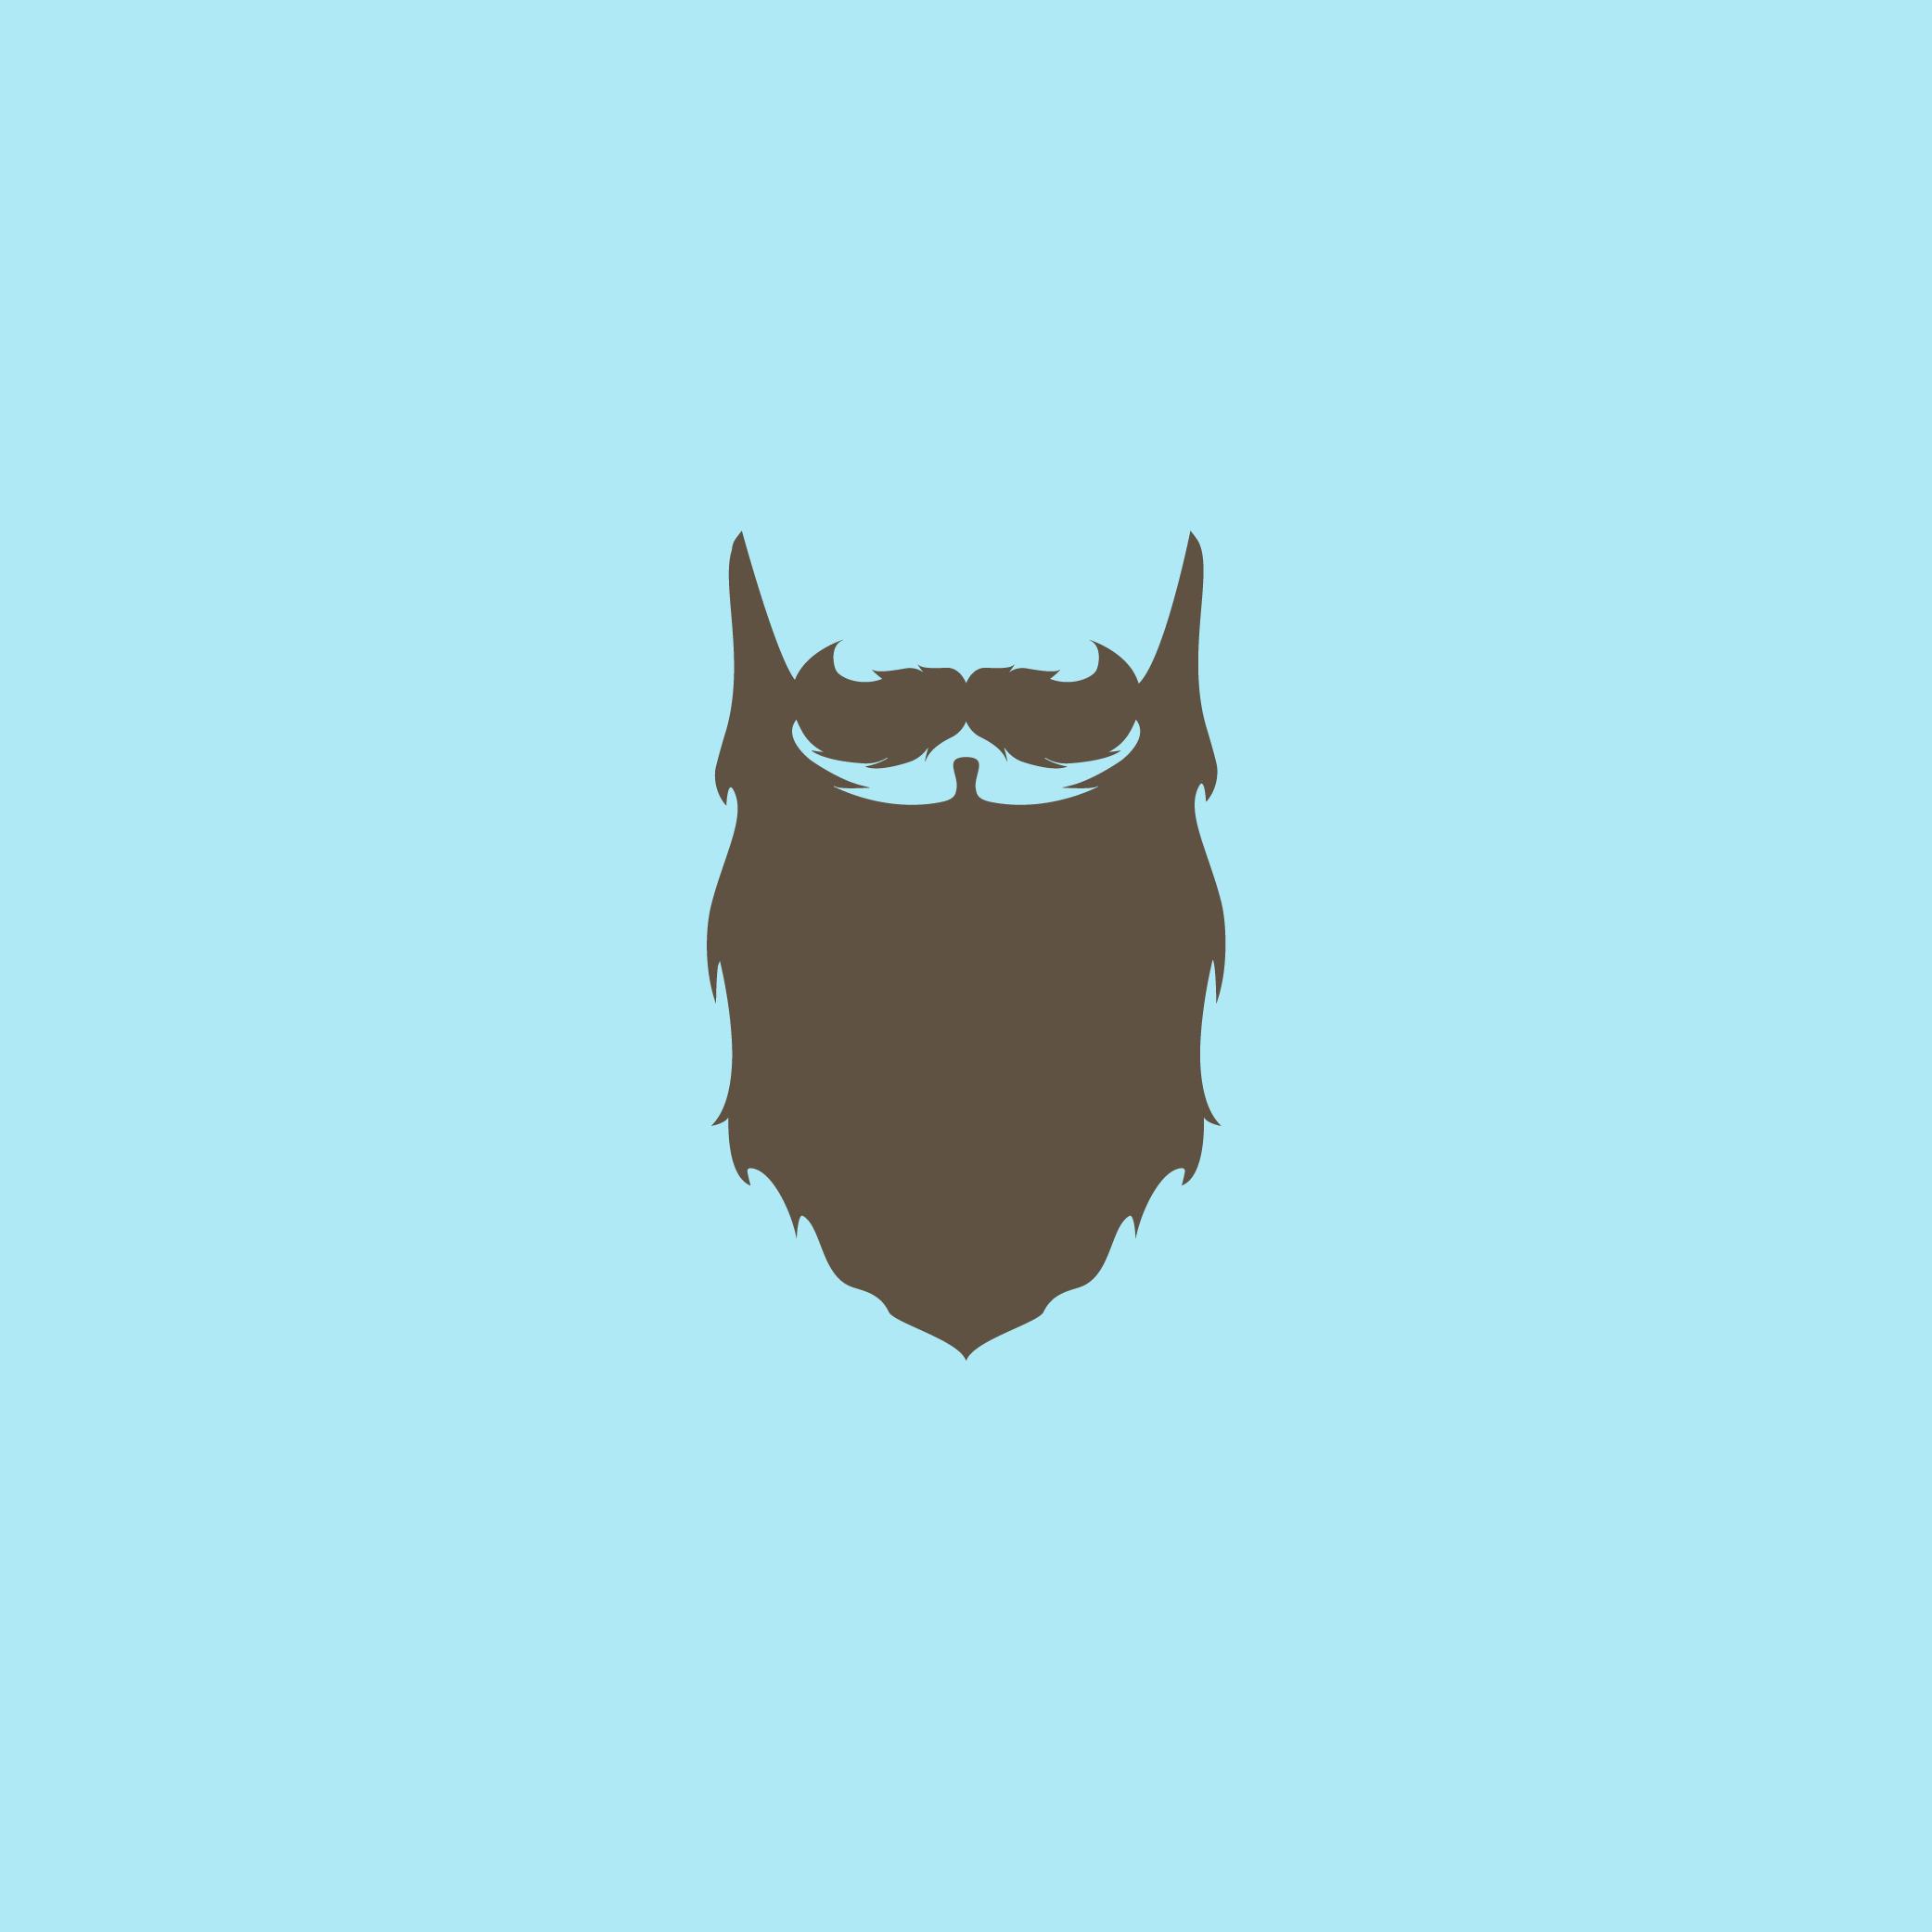 Flat Beard - Apollo Creative Co - Hampshire Graphic Design